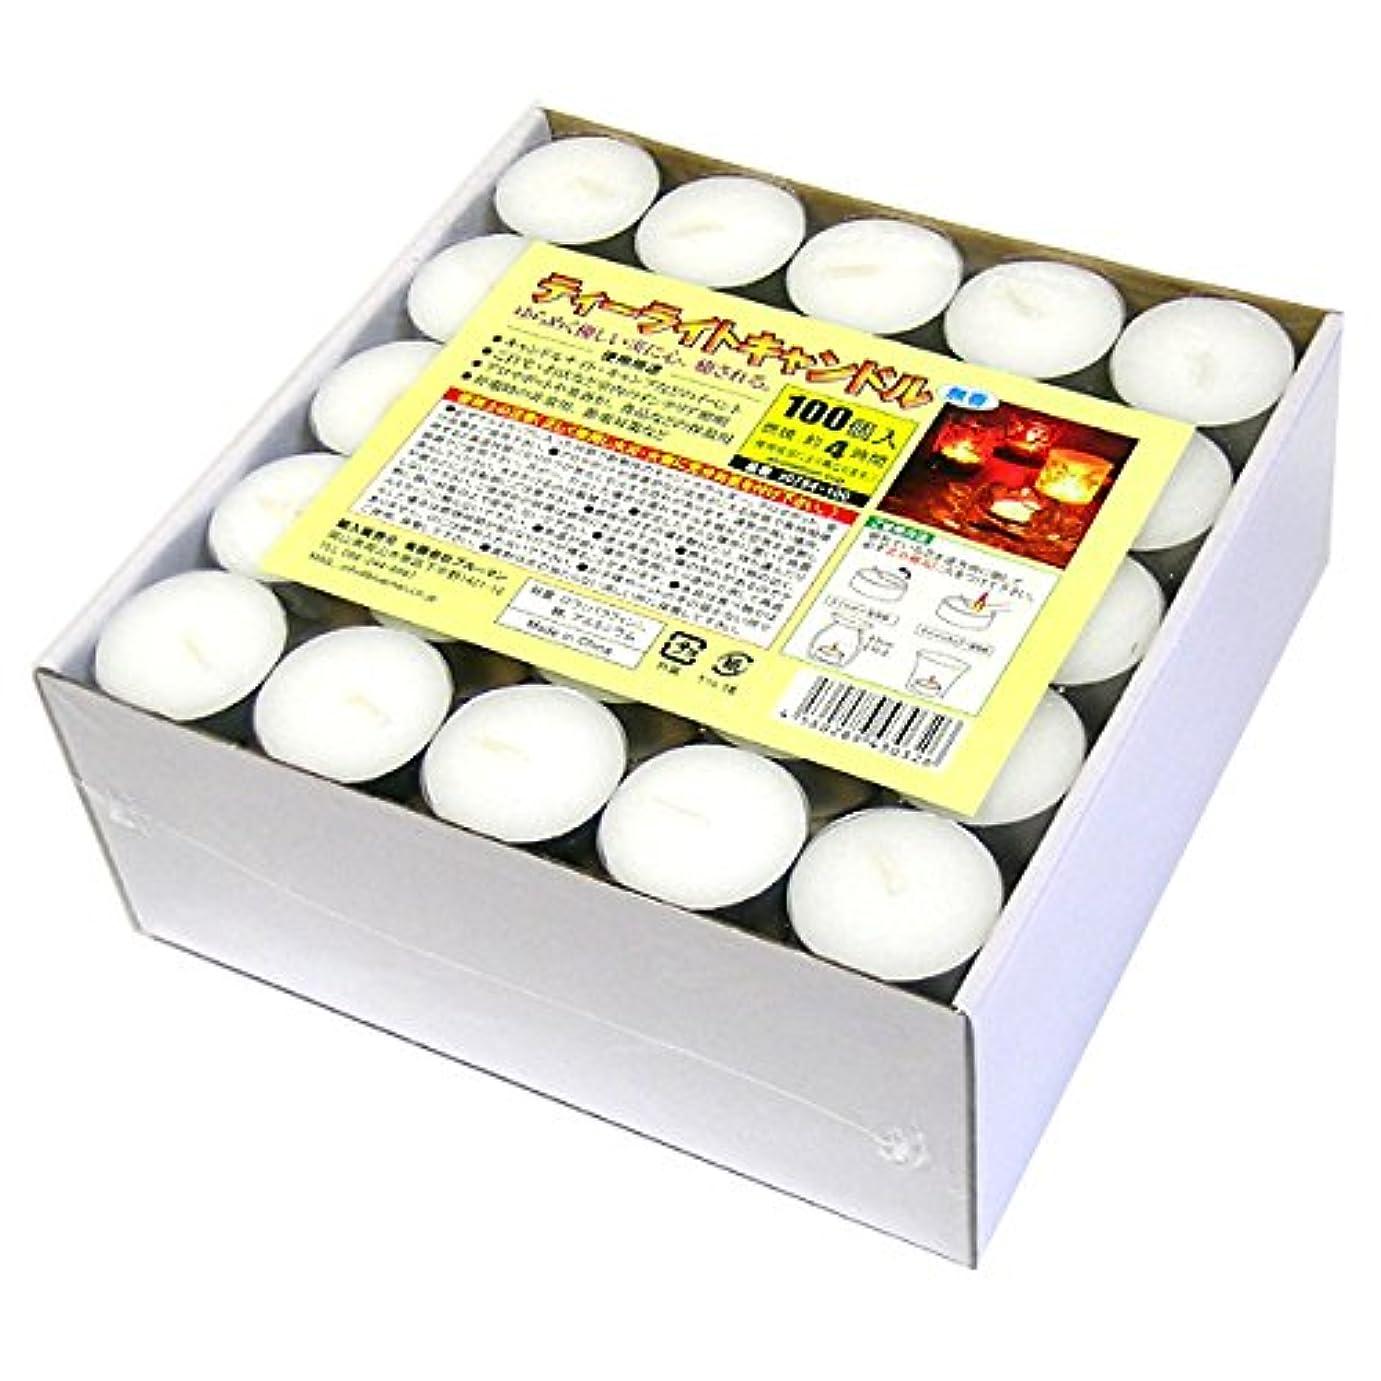 羊取得収束するティーライトキャンドル アルミカップ 燃焼 約4時間 100個 キャンドルライト 専門店